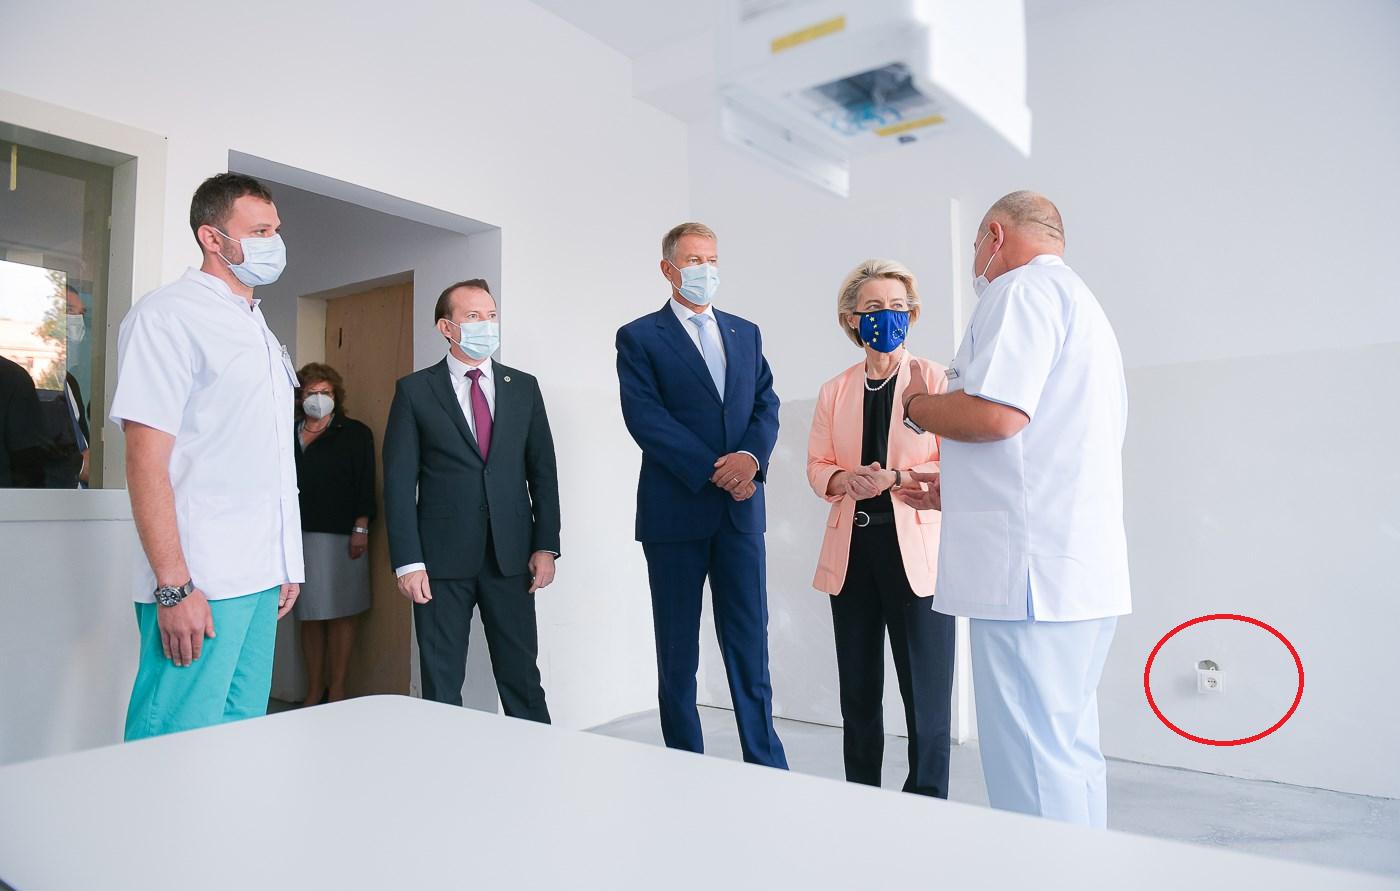 Glume pe seama unei prize defecte din salonul spitalului vizitat de șefa CE, Ursula von der Leyen. Explicația oficialilor